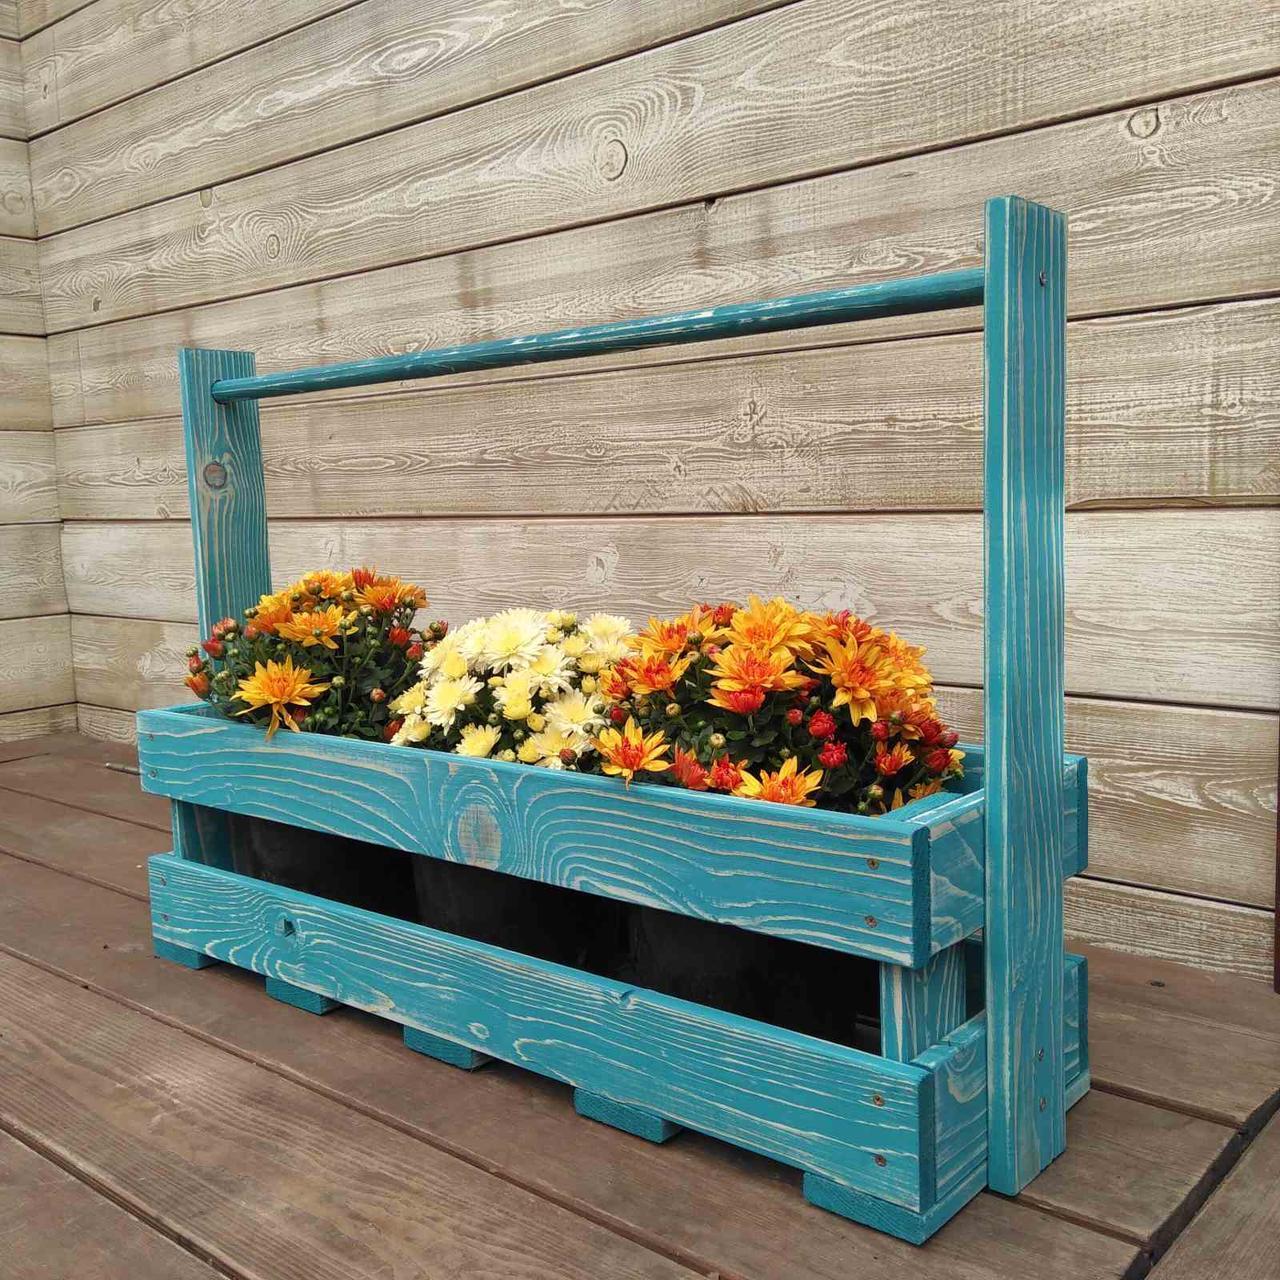 Уличные деревянные кашпо для цветов